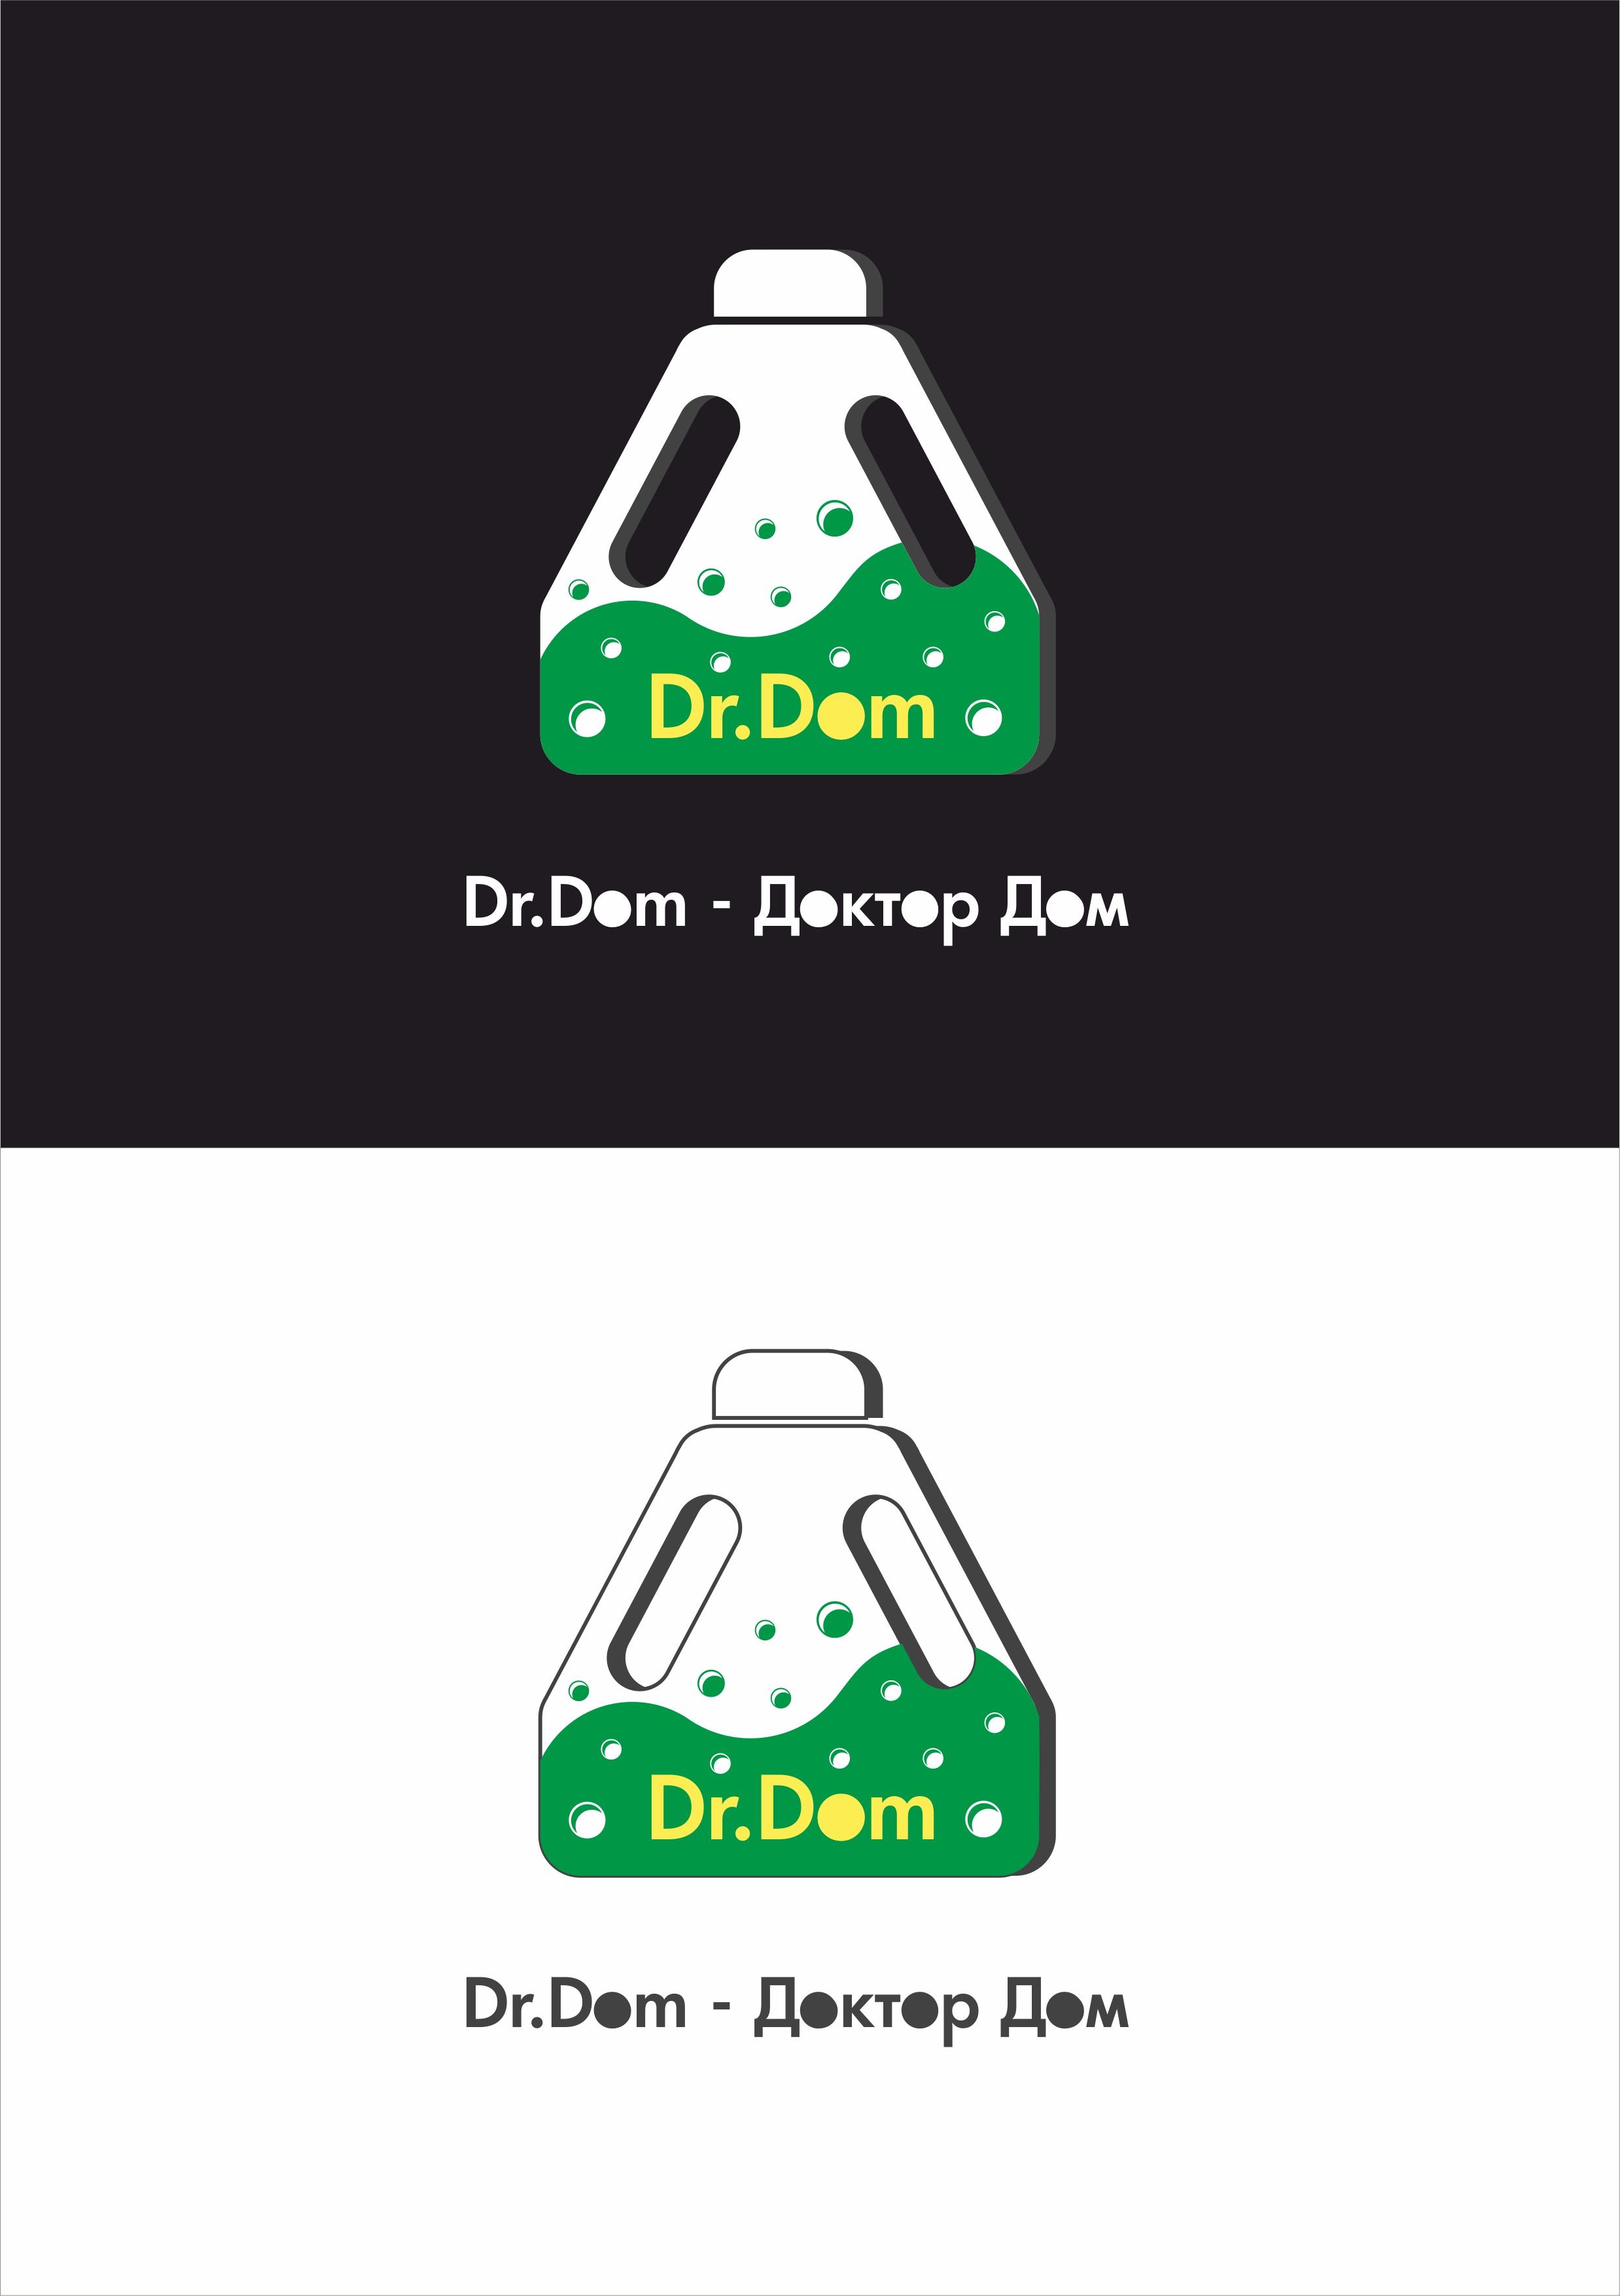 Разработать логотип для сети магазинов бытовой химии и товаров для уборки фото f_652600423b1e8054.jpg